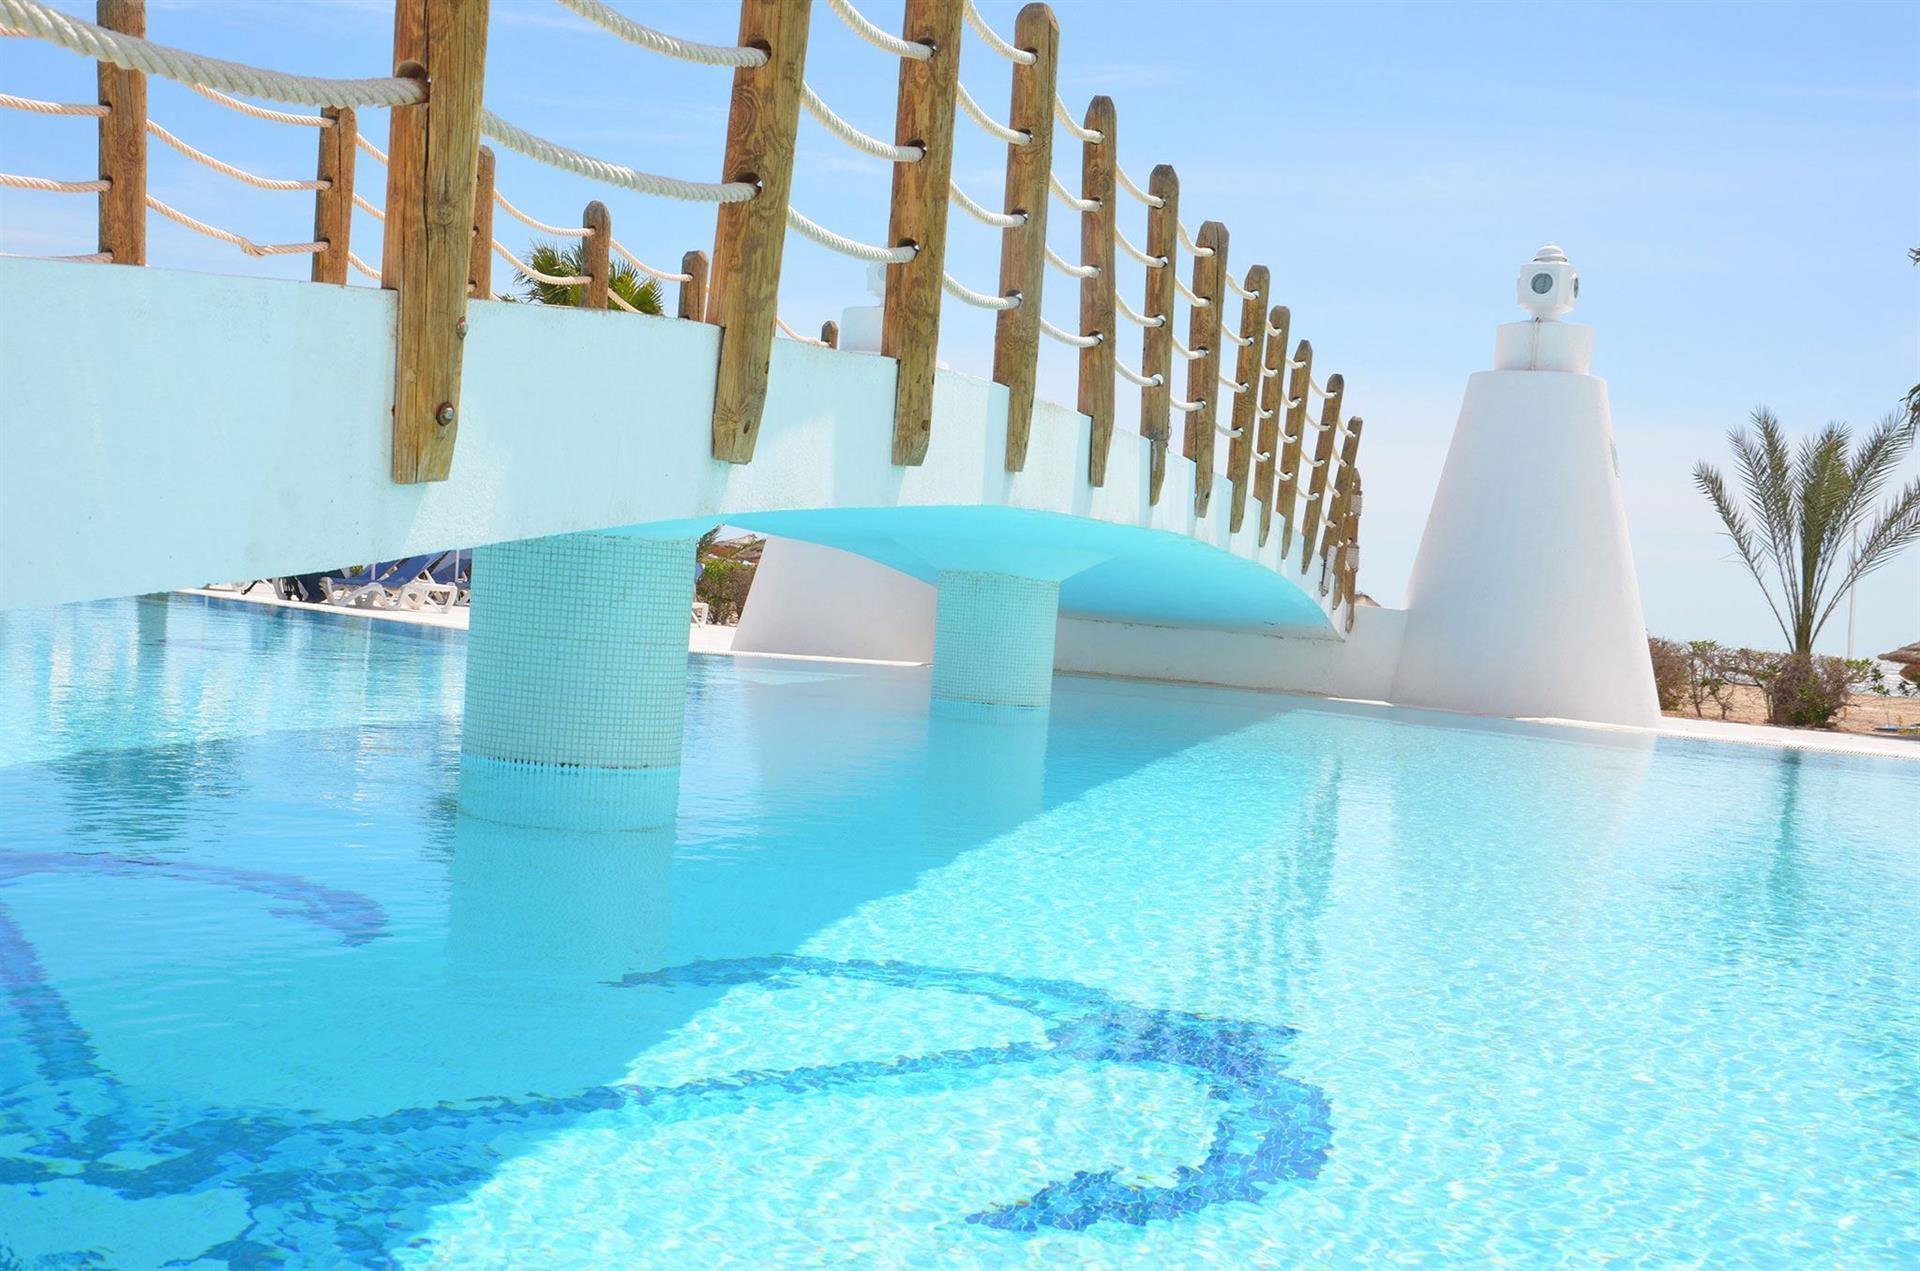 сожалению, отель браво джерба тунис фото собраны